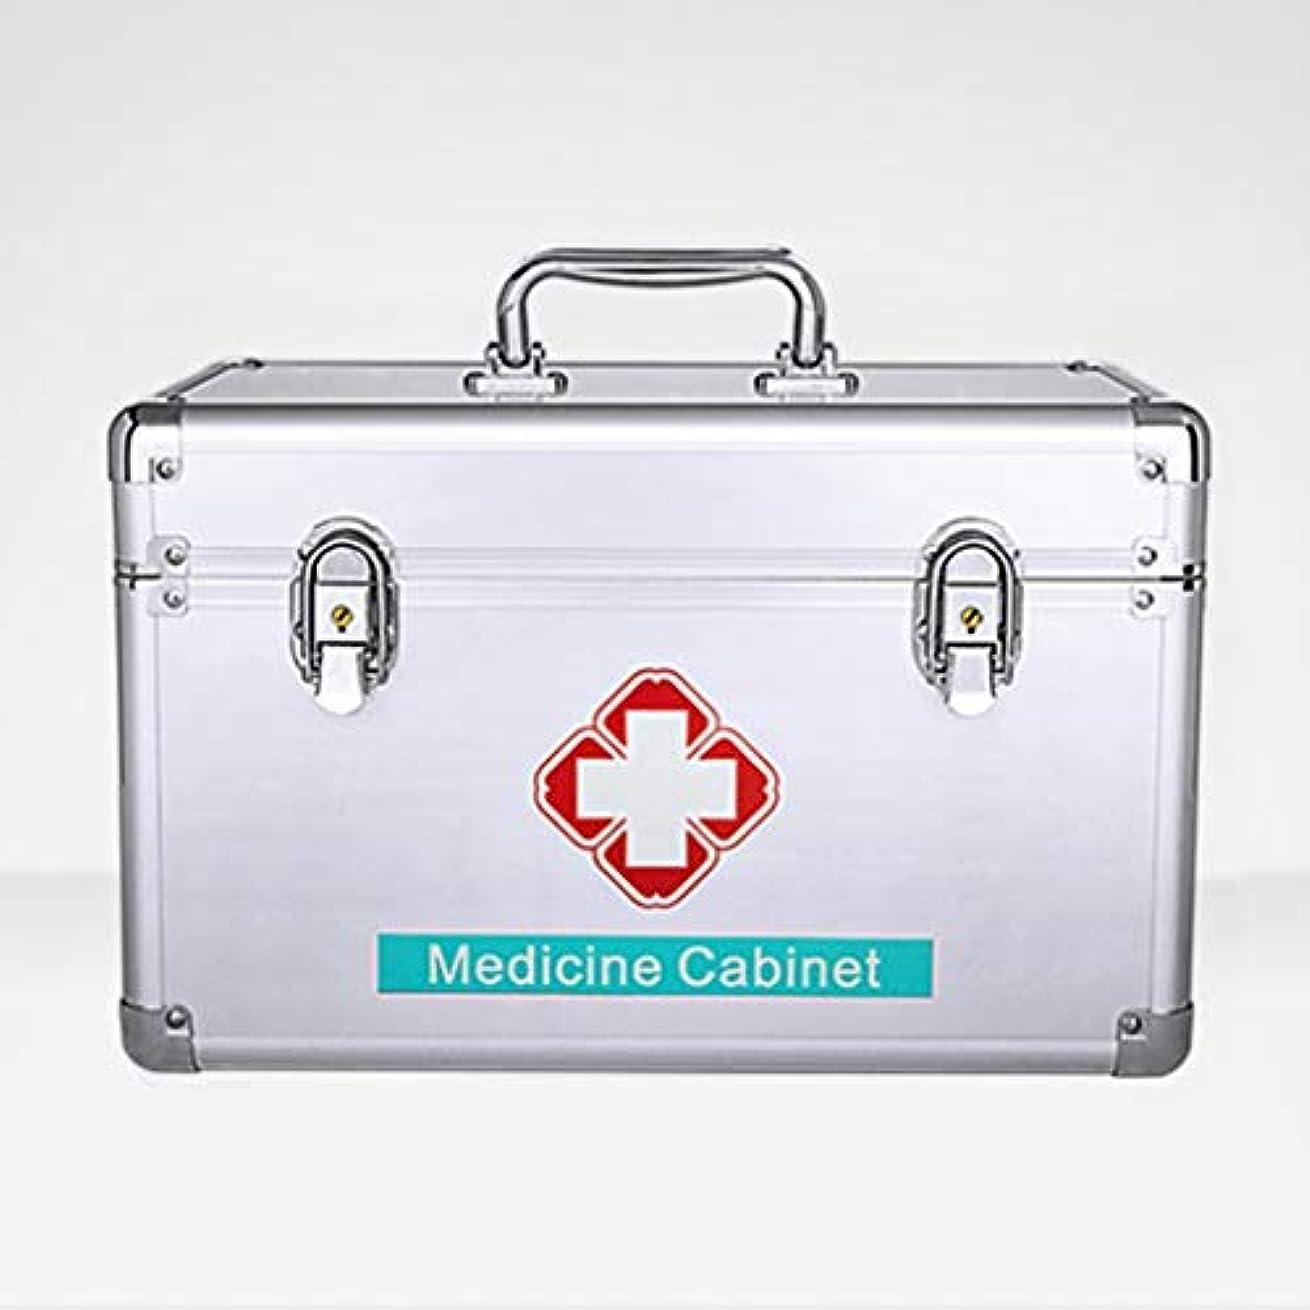 激しい寮アダルトFirst aid kit 薬収納ボックスアルミ合金ポータブル医療ケース多層応急処置キット家庭用/M、L、XL、XXLのフルセット XBCDP (Size : XXL)